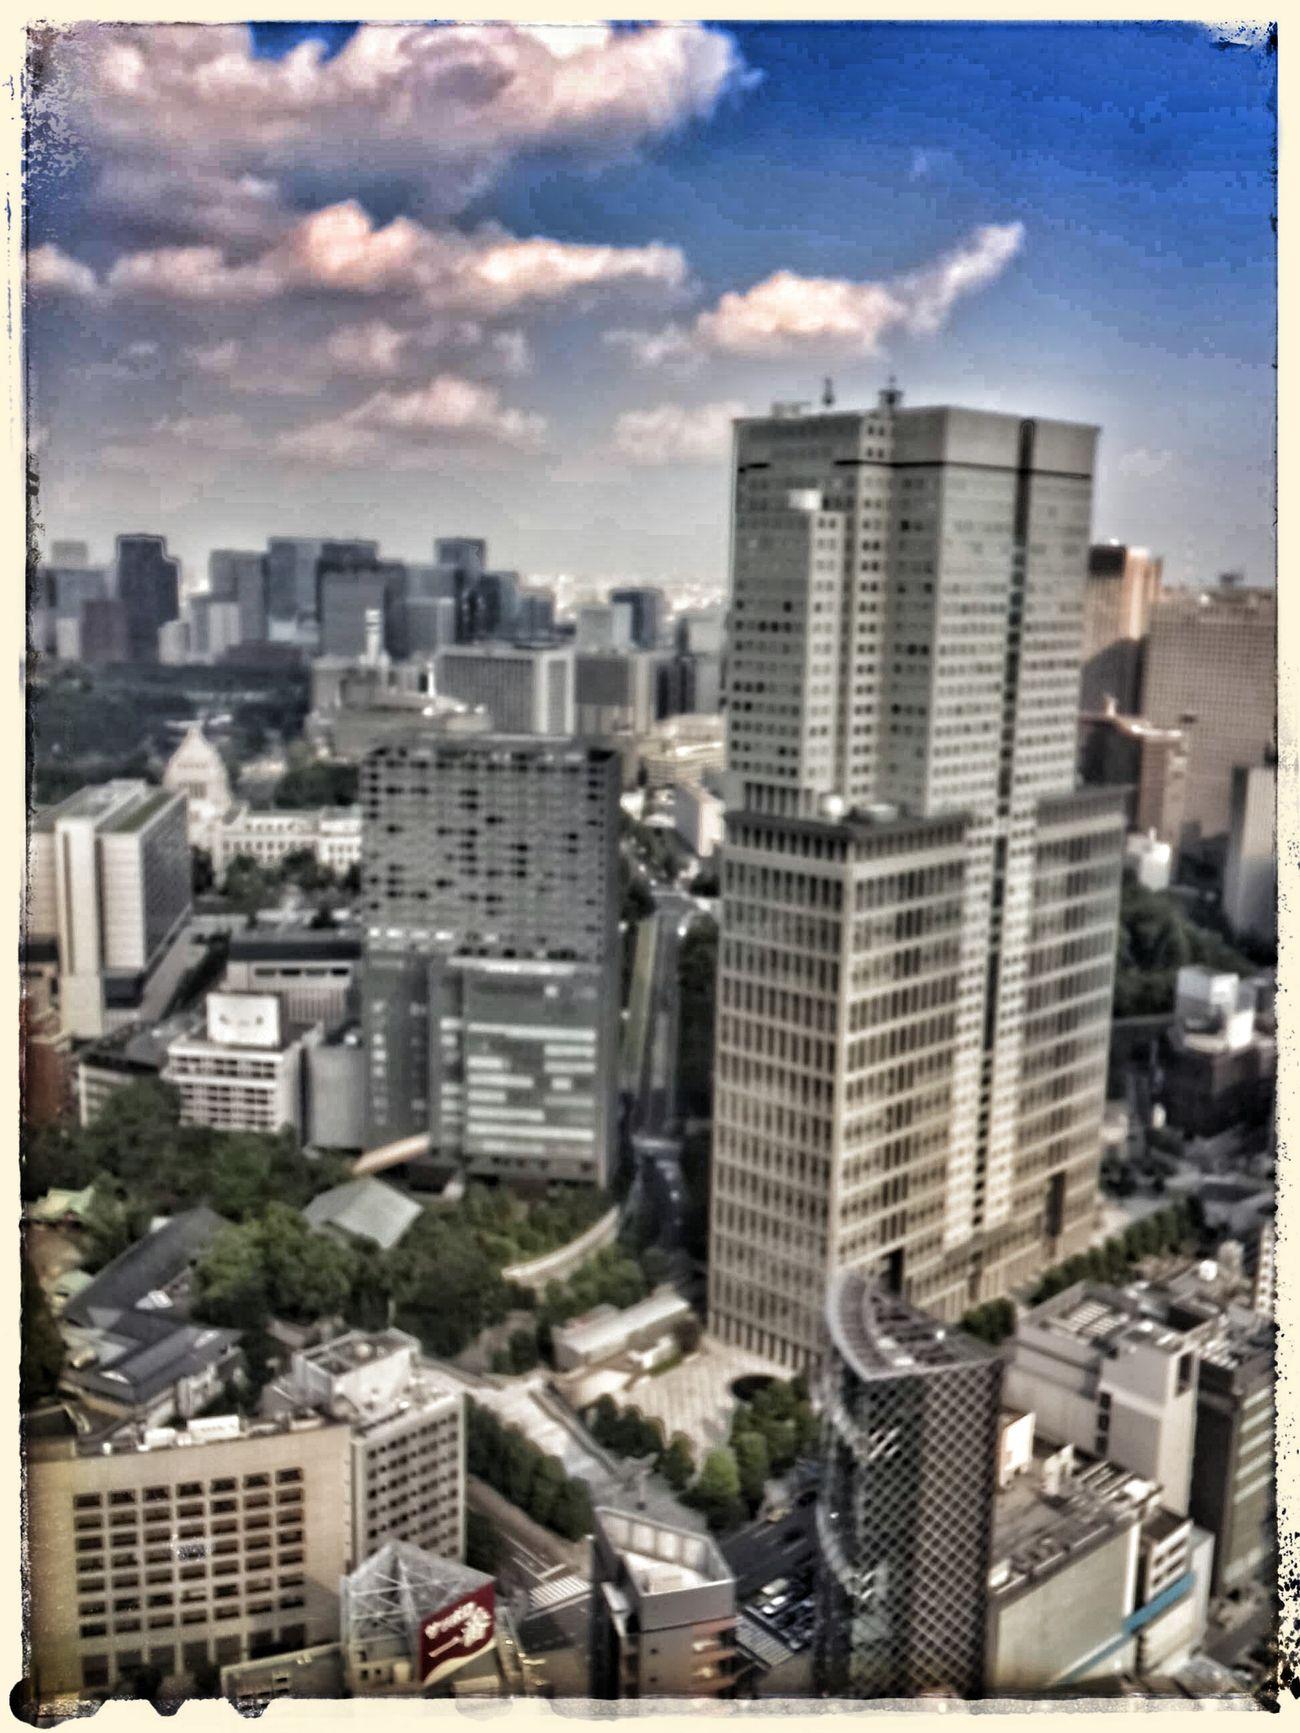 久しぶりに都心の高層ビルででお仕事 東京 Tokyo 都心 Metropolitan